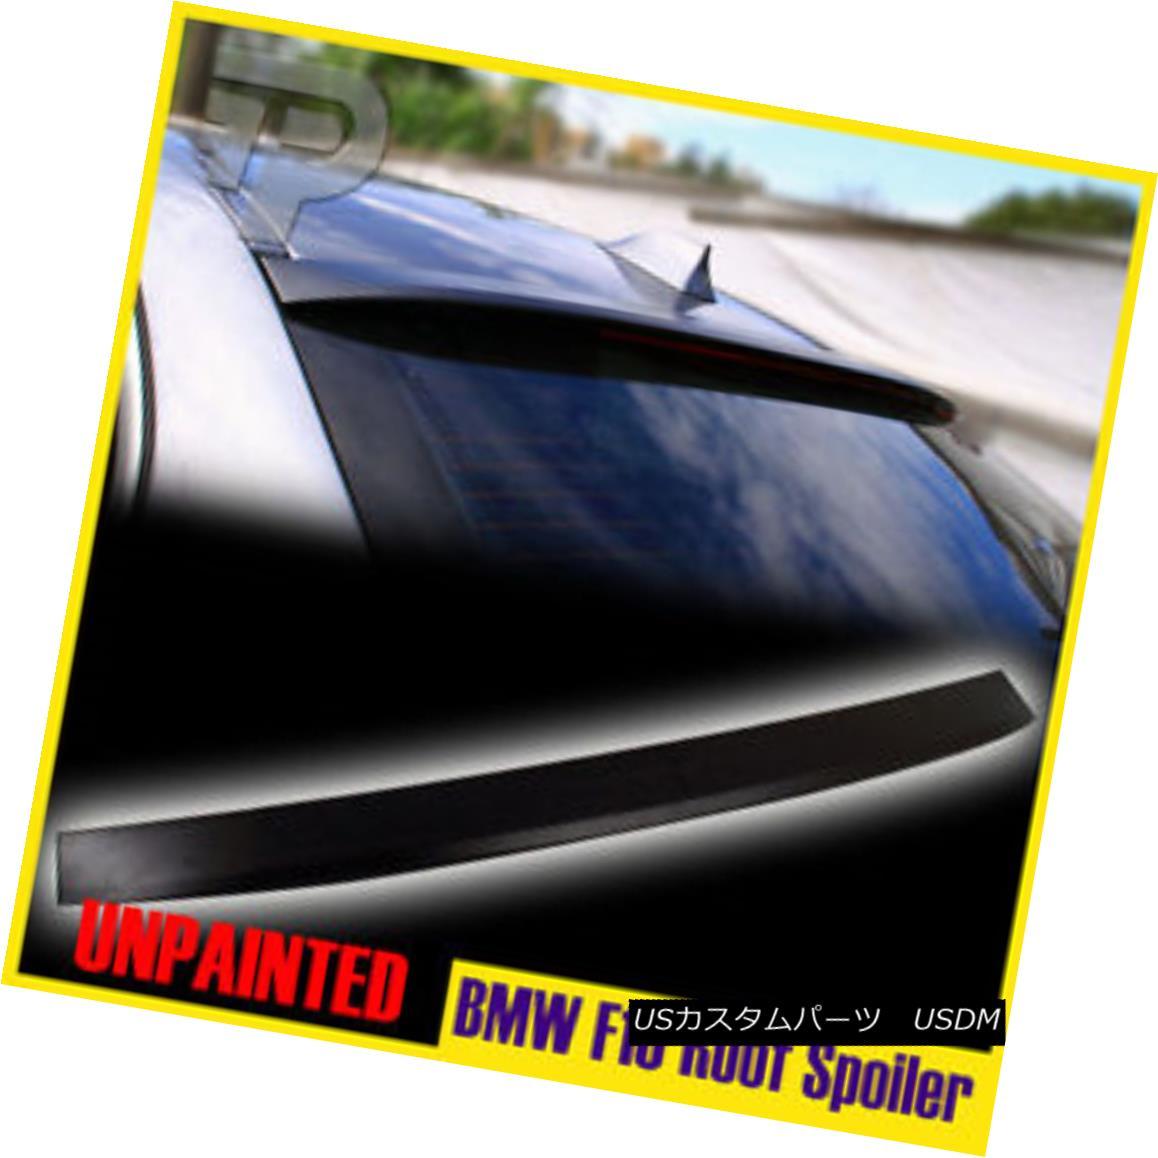 エアロパーツ BMW F10 5 Series Saloon Unpainted D-Style roof Lip Spoiler Wing 2011 2016 BMW F10 5シリーズサルーン無塗装D-スタイルルーフリップスポイラーウイング2011 2016